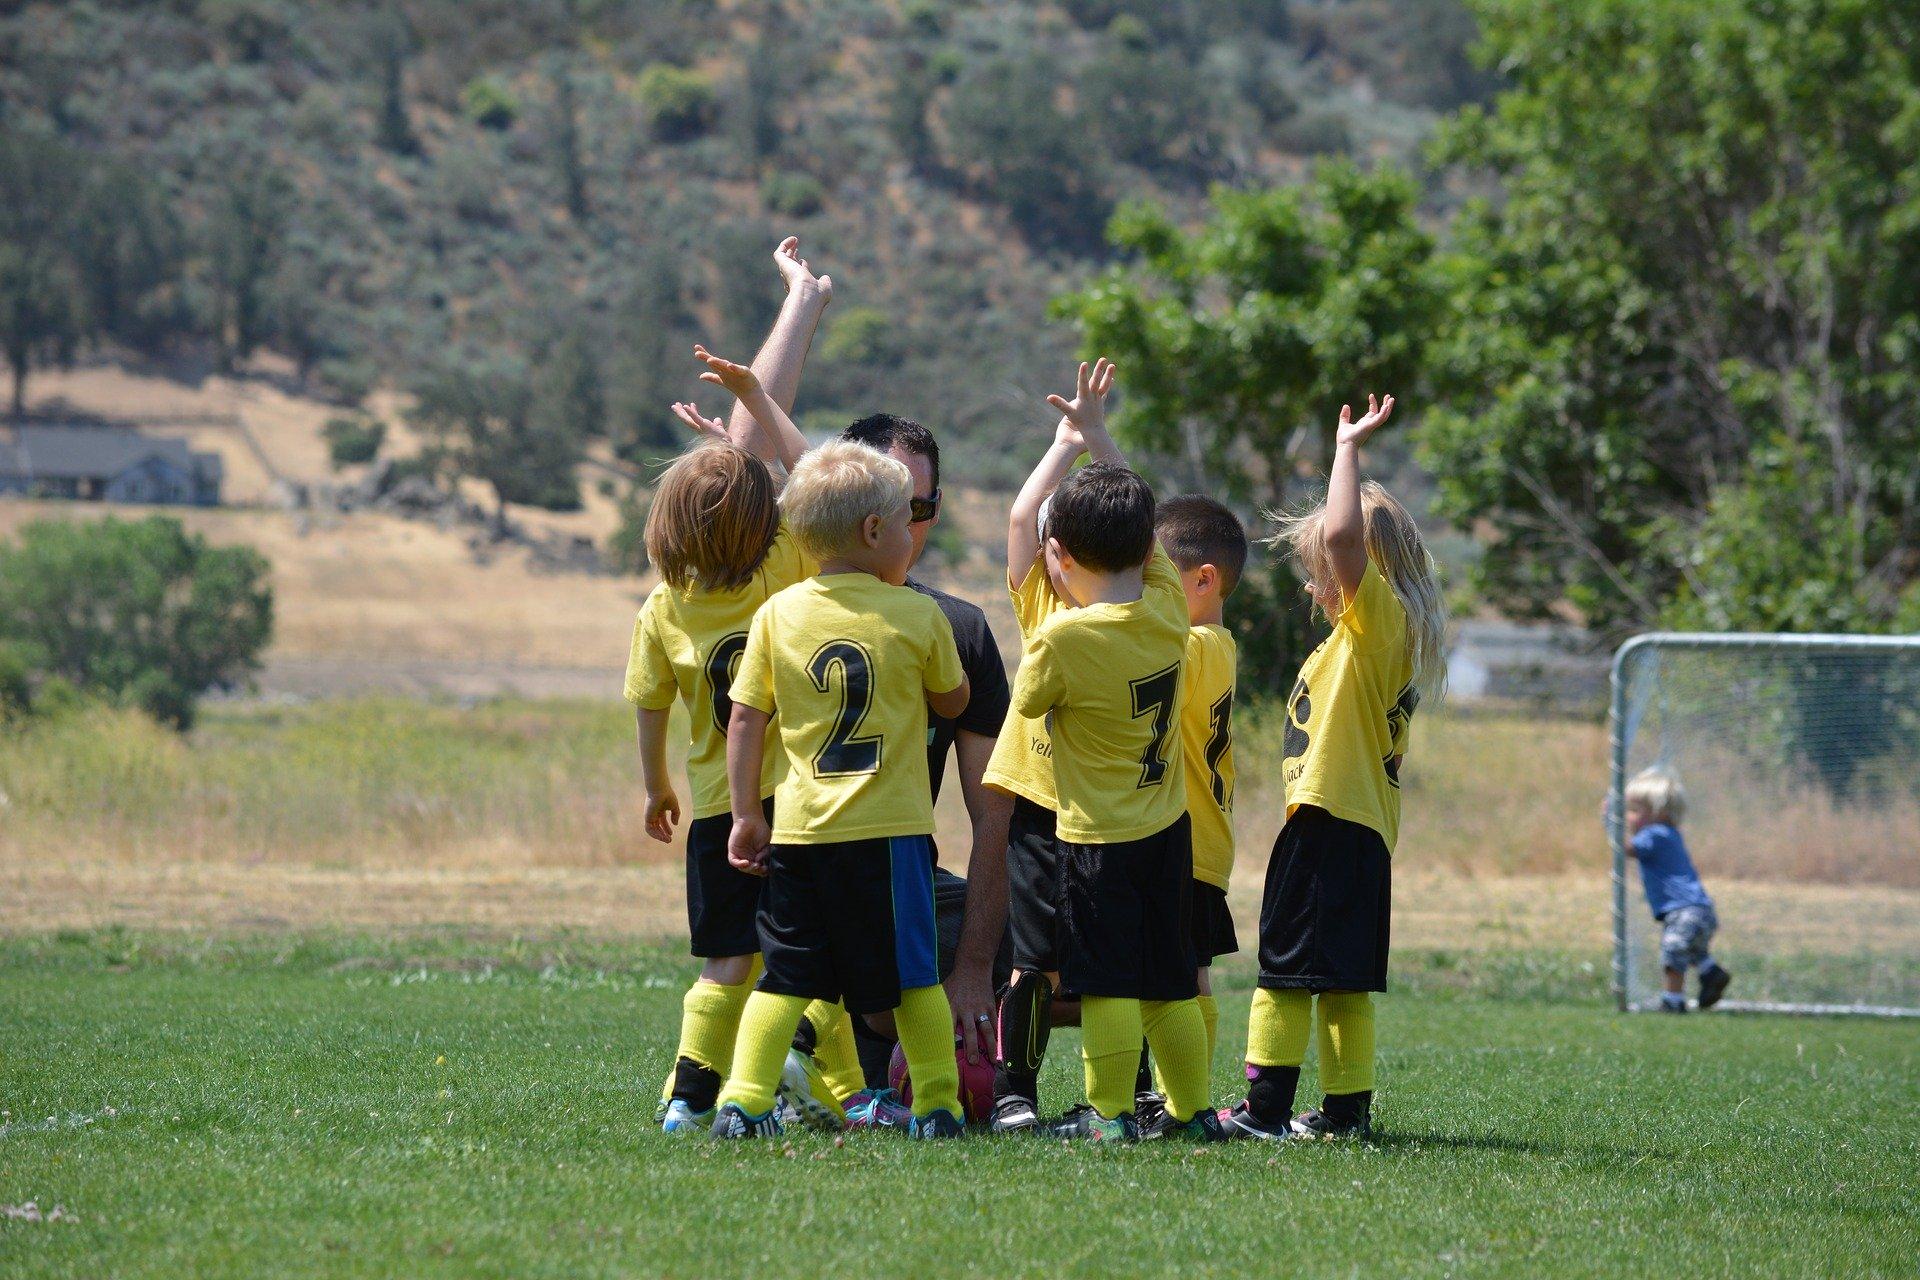 fotboll barn